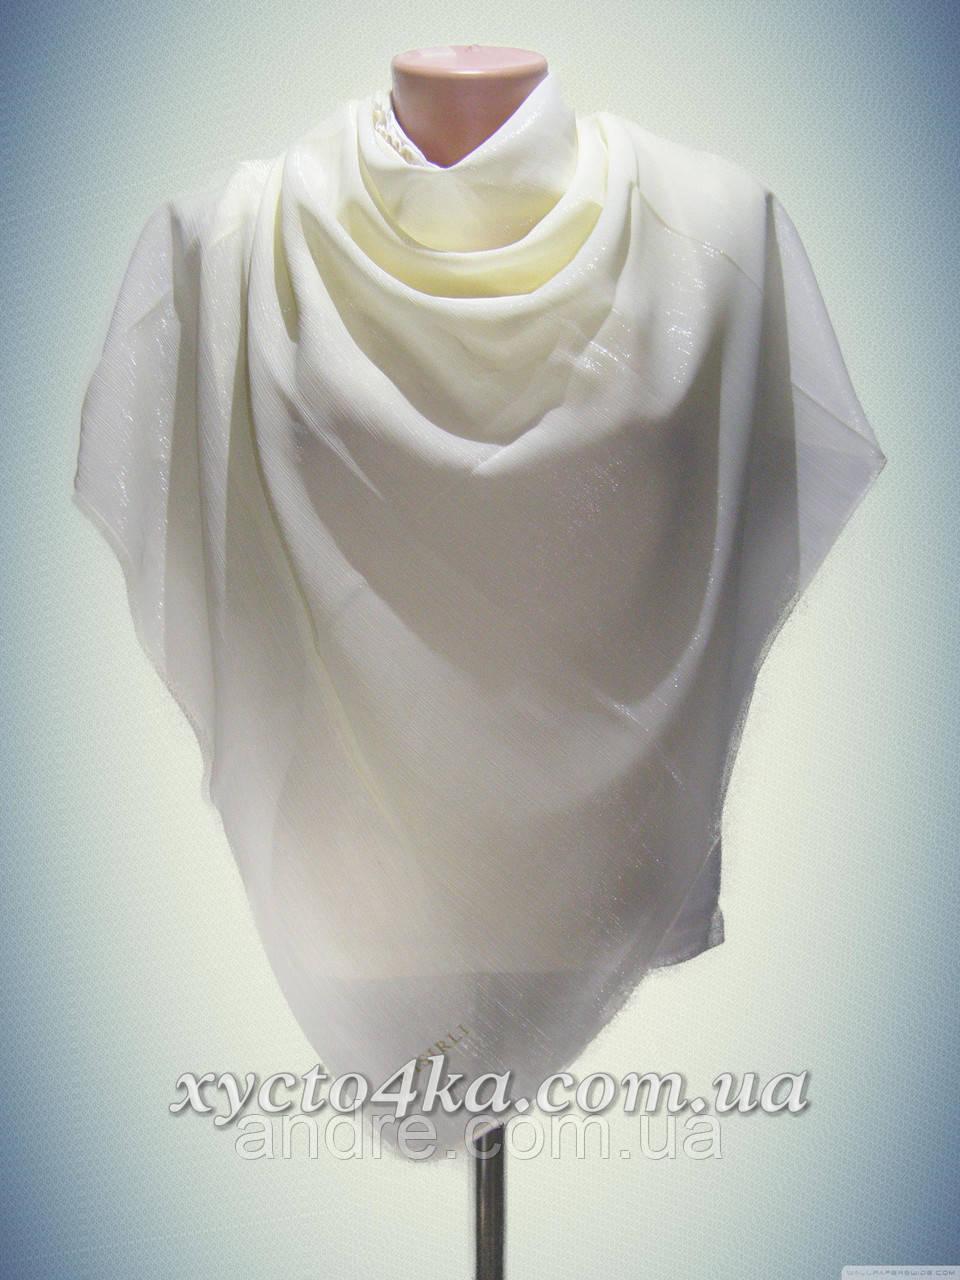 Нарядный платок Переливы, айвори или тёмно синий